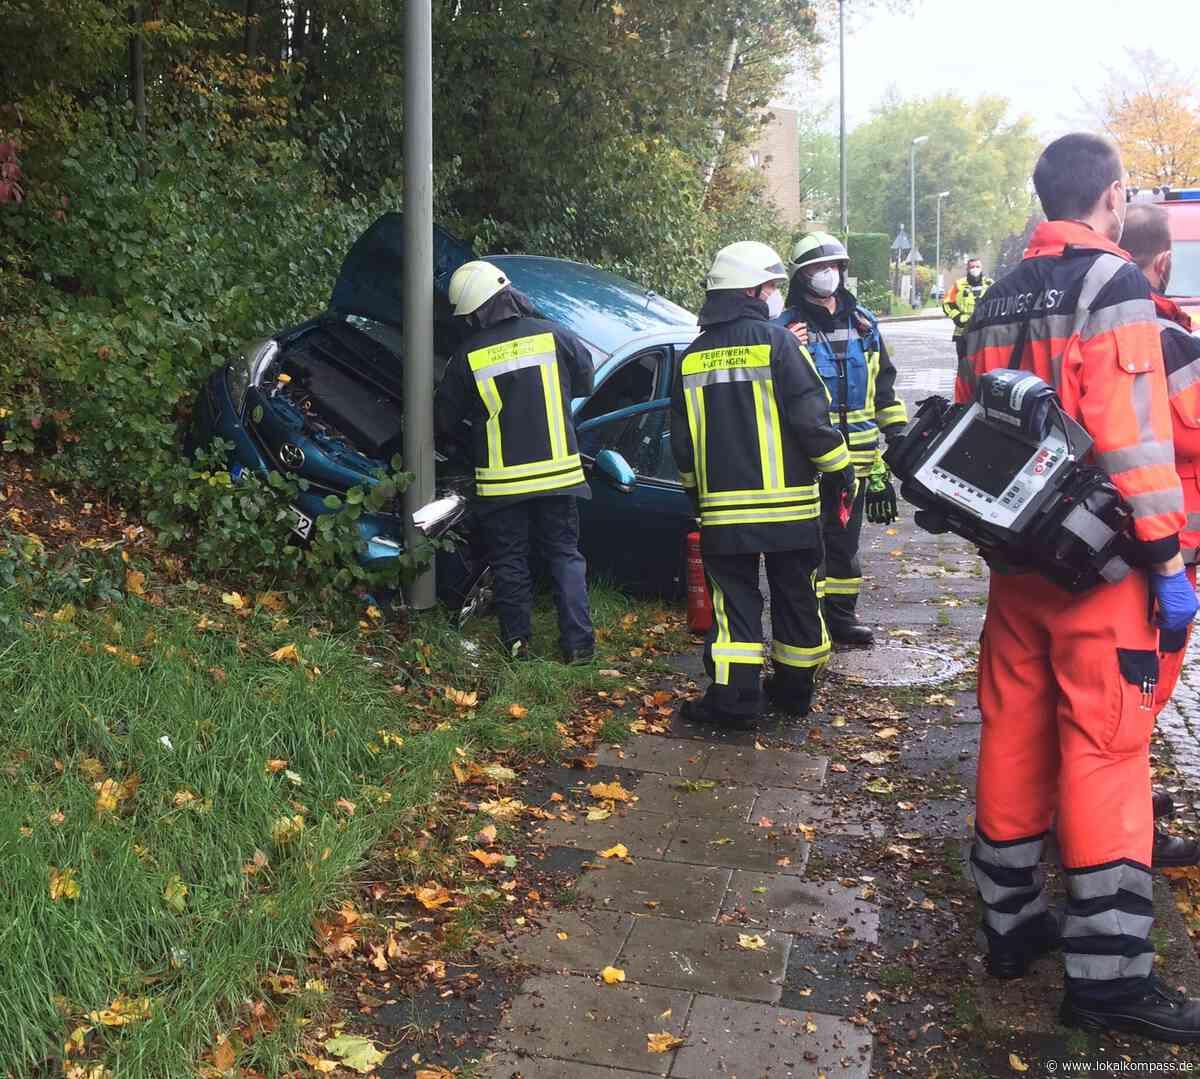 Verkehrsunfall auf der Straße Am Hagen in Hattingen: Auto prallt gegen Laterne - Hattingen - Lokalkompass.de